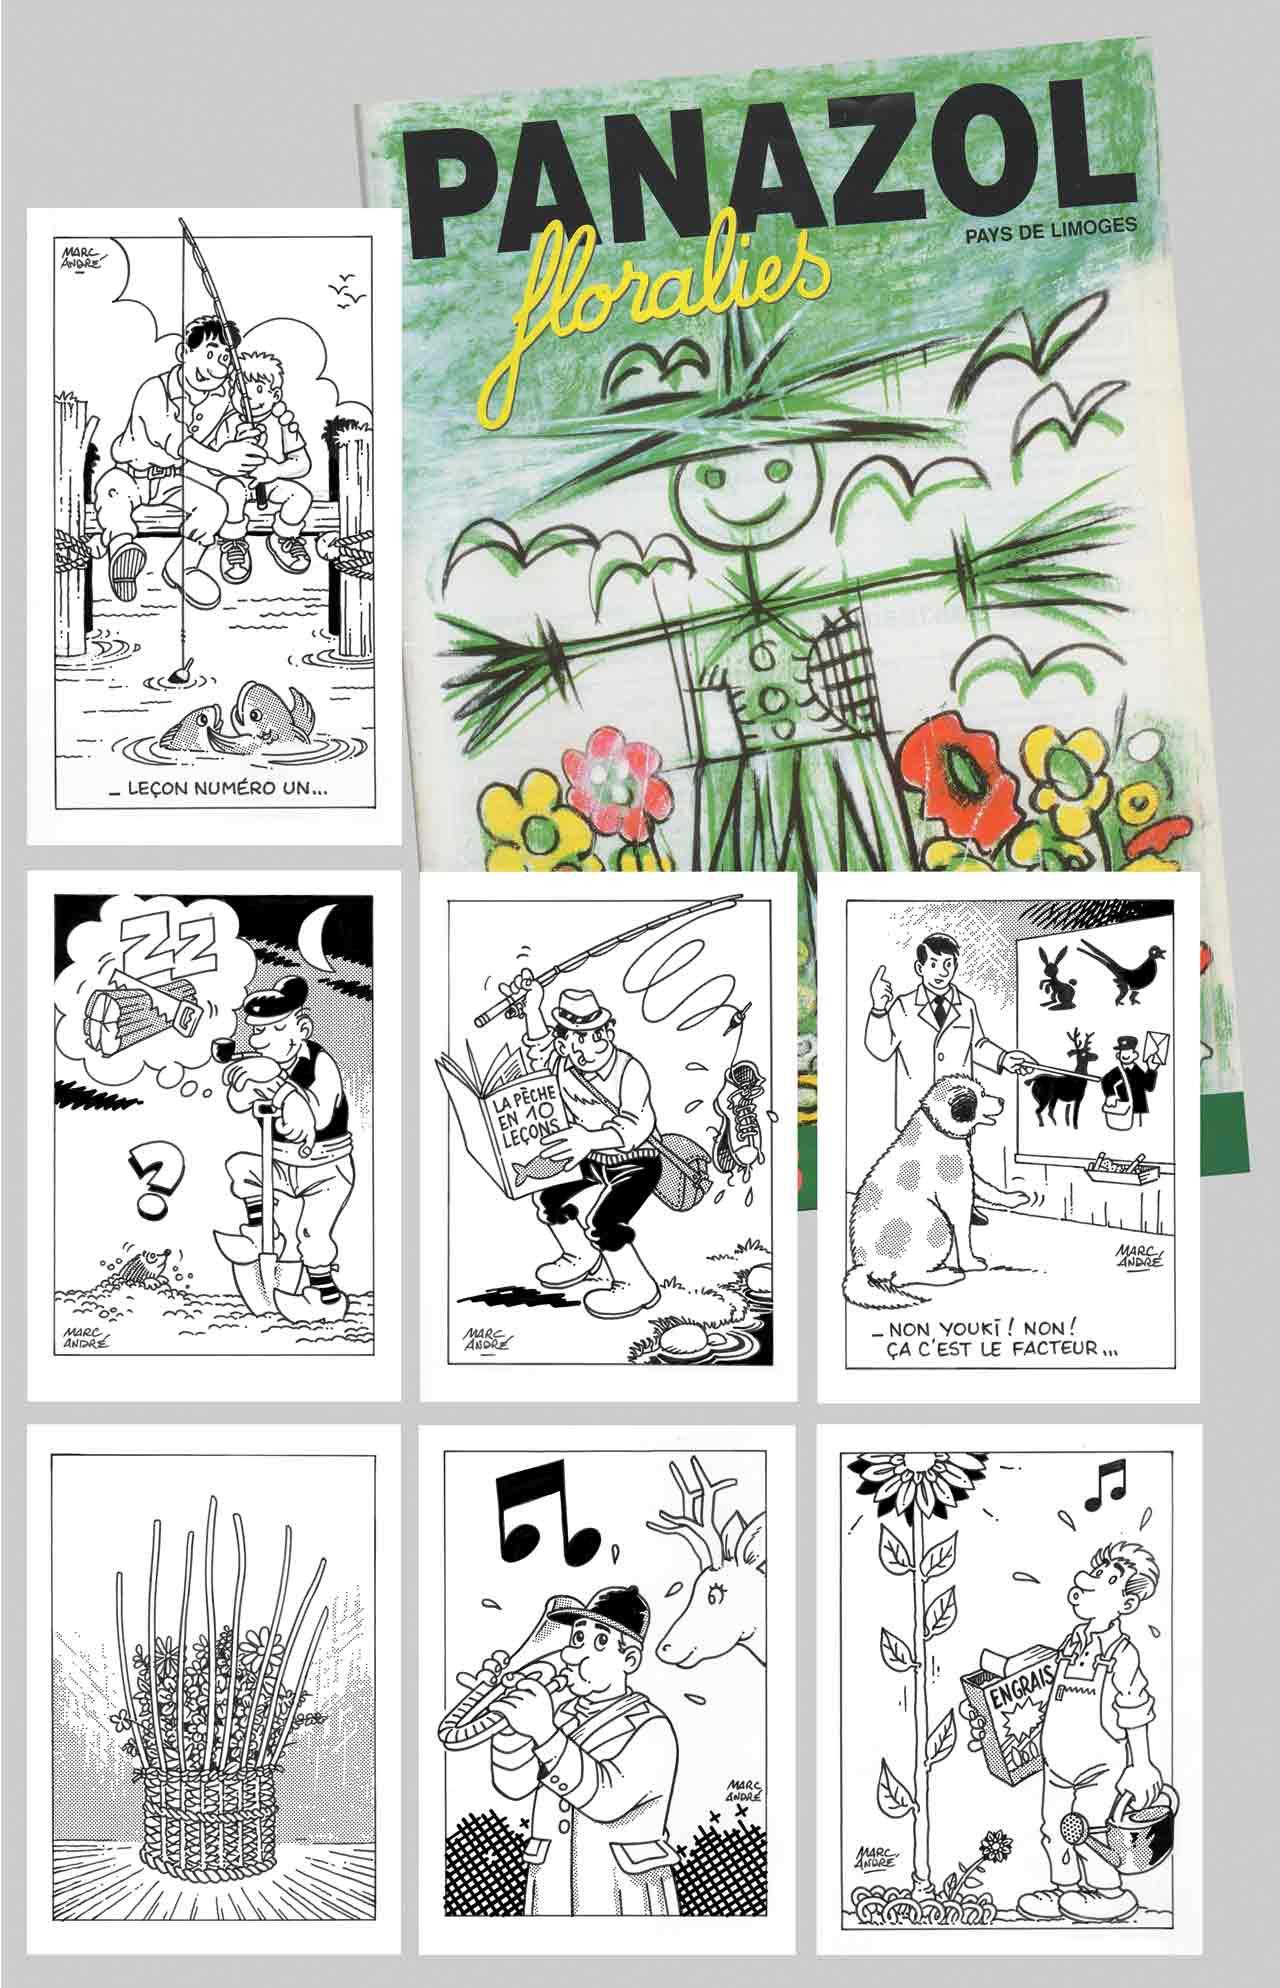 Vignettes-humoristiques-dans-plaquette-Floralies-de-Panazol-avril-1995 Marc-André